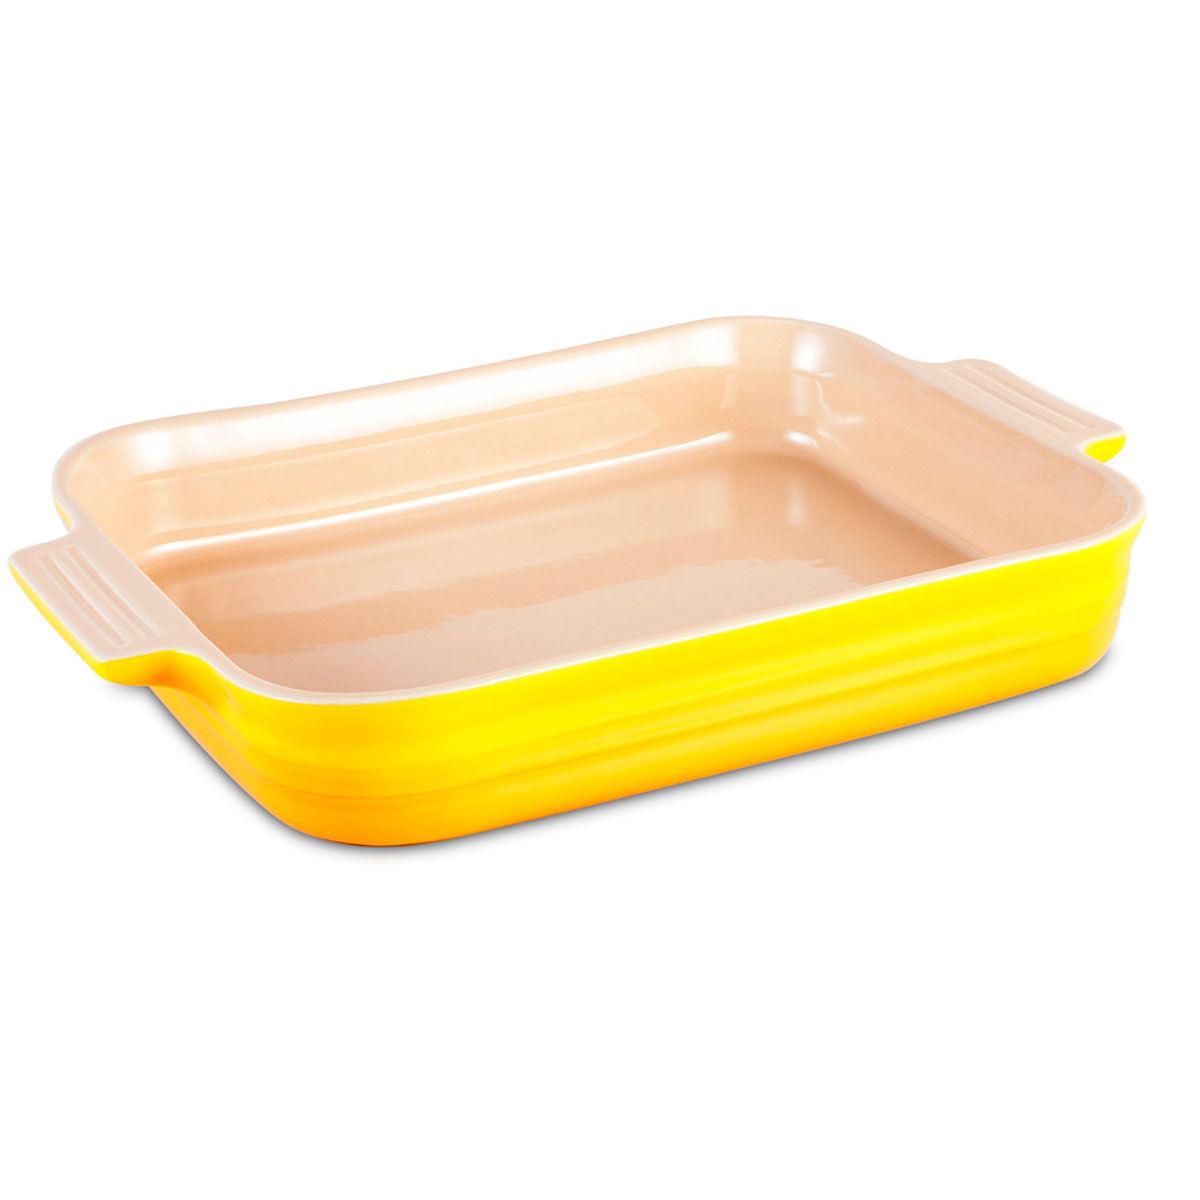 Travessa Retangular Amarelo Soleil 3 litros Le Creuset